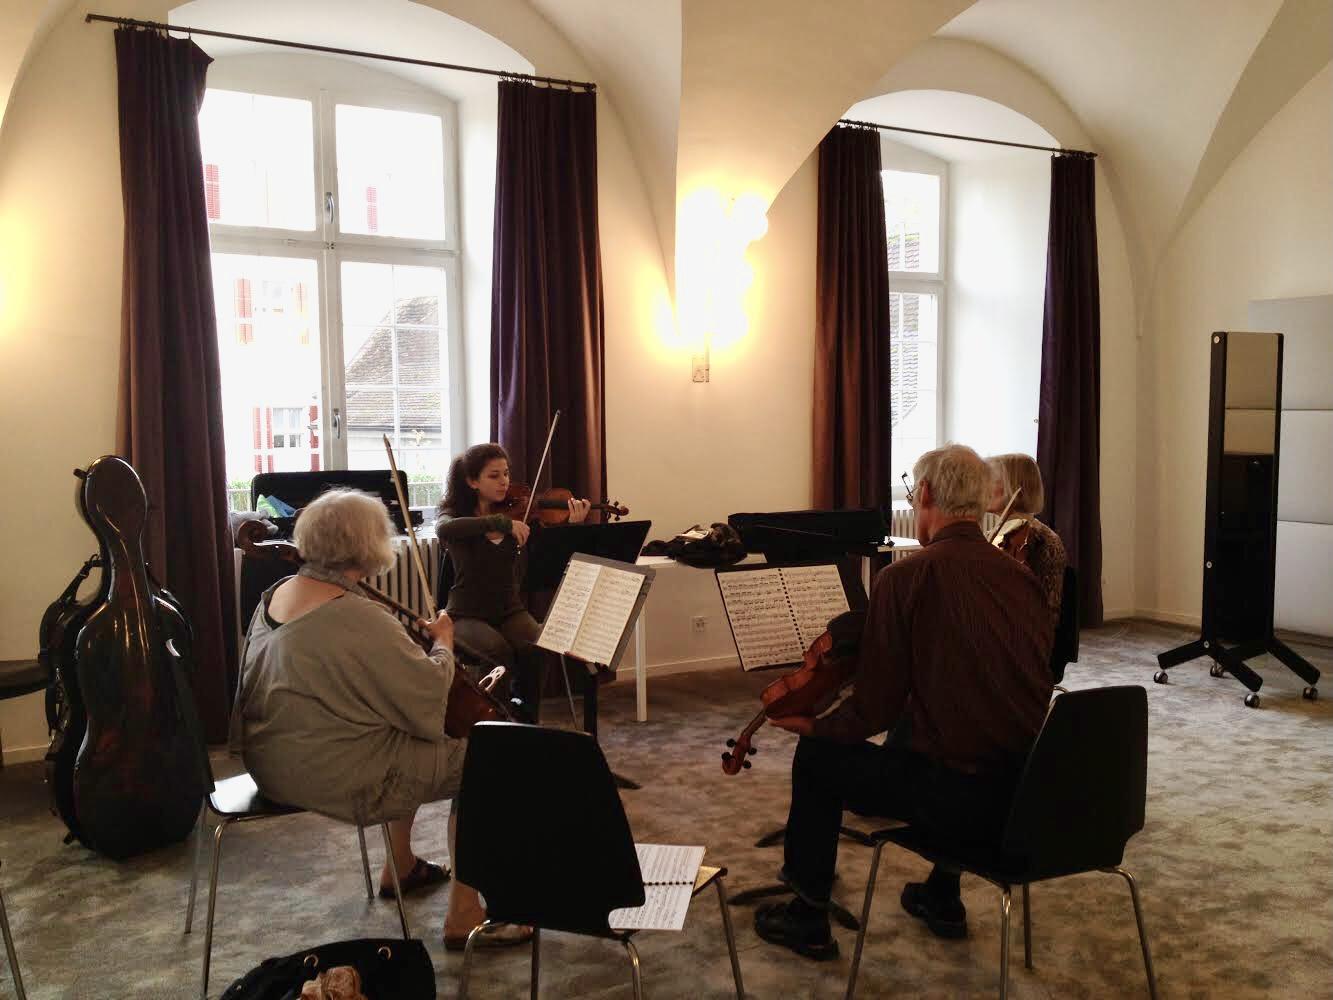 瑞士傳真|萊茵河小島上的音樂秋令營  吸引熟齡音樂愛好者年年朝聖